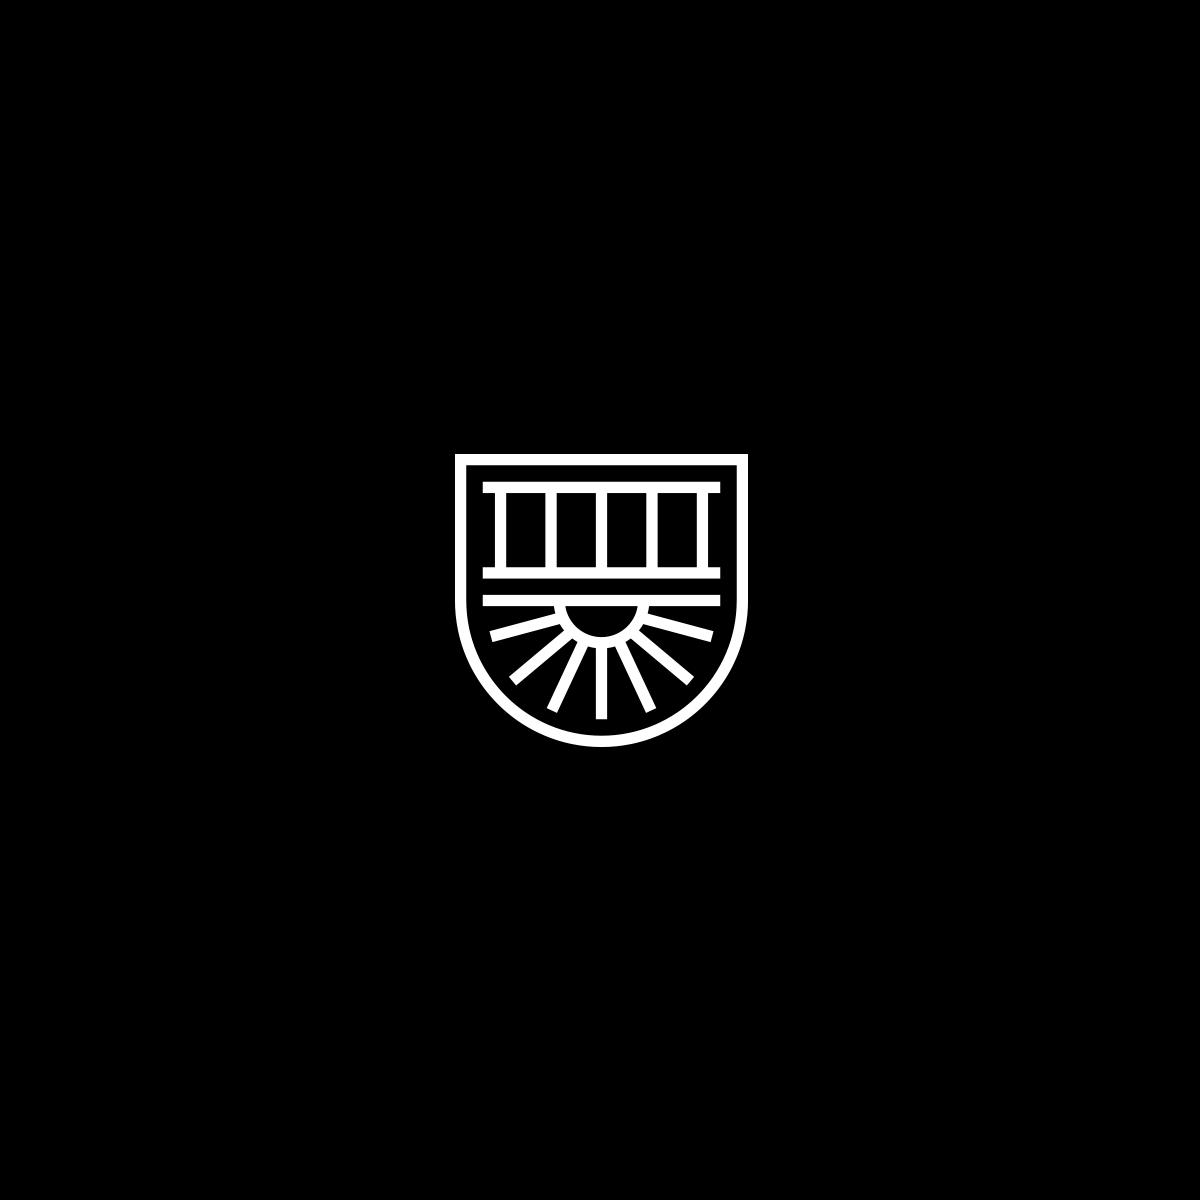 logocollection-v2-9